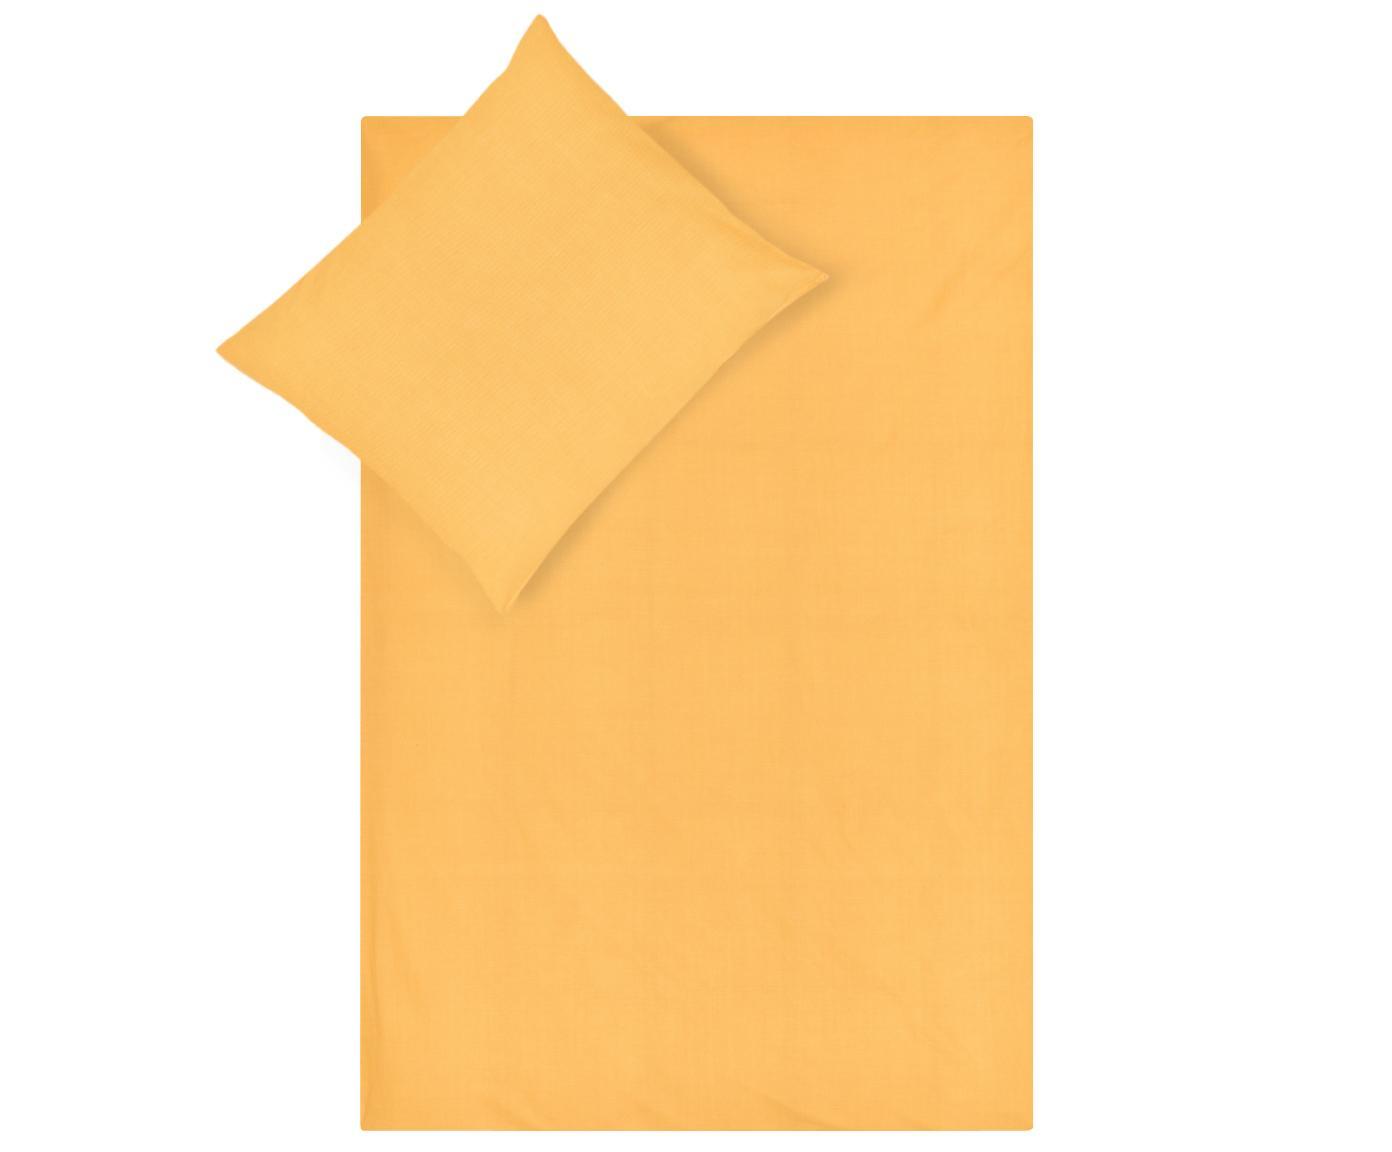 Renforcé dekbedovertrek Soft Structure met zeer fijn patroon, Weeftechniek: renforcé, Okergeel, 240 x 220 cm